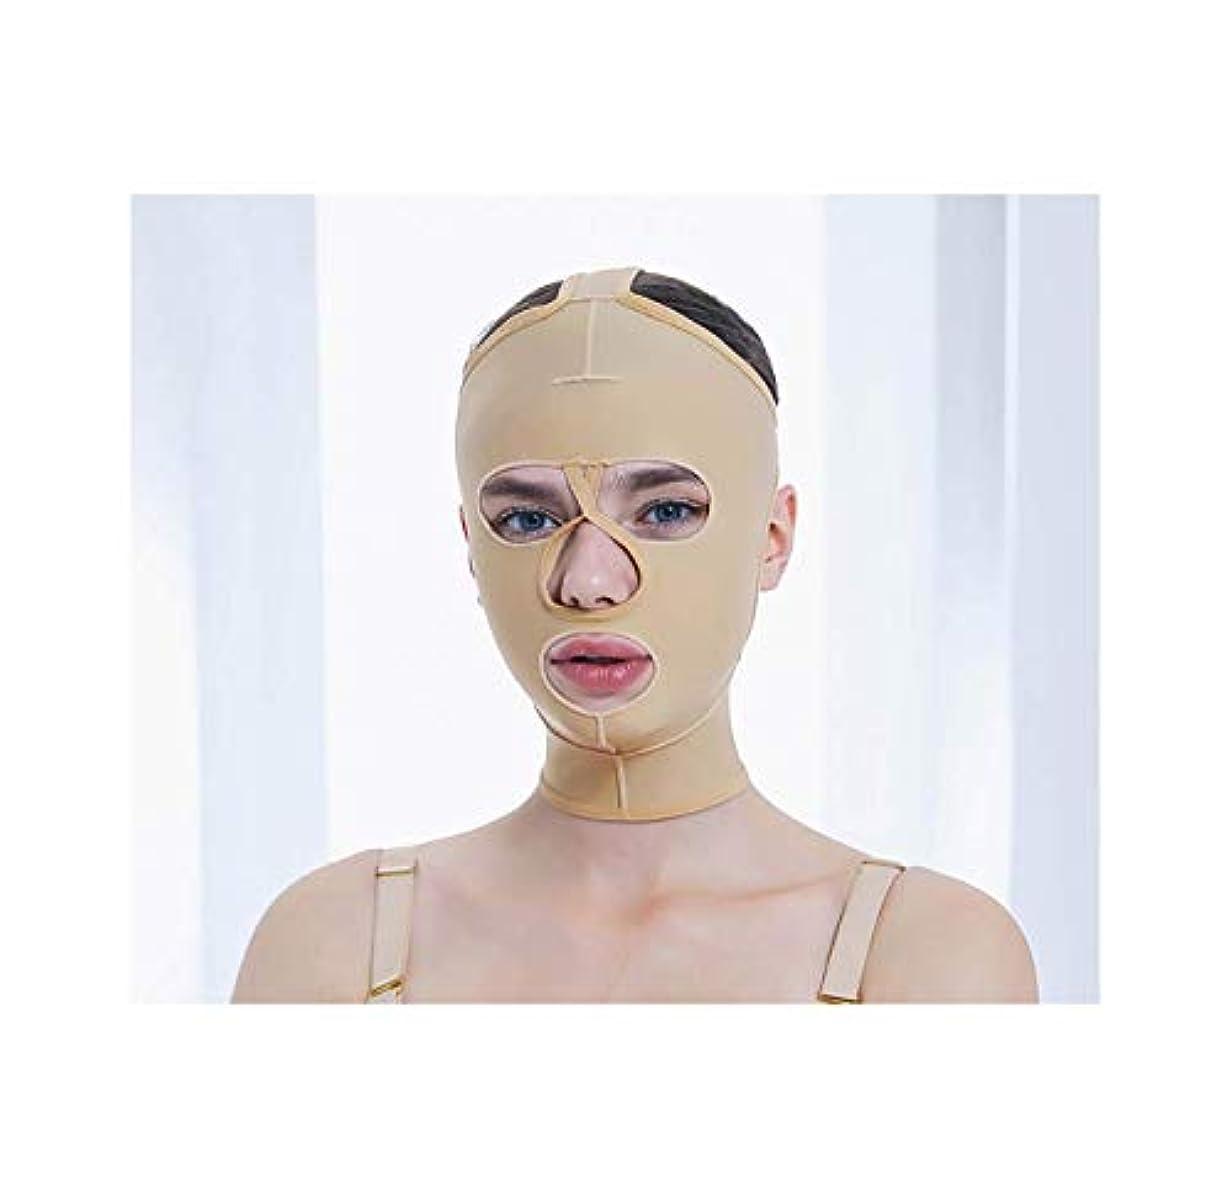 経験的経済びっくりフェイス&ネックリフト、減量フェイスマスク脂肪吸引術脂肪吸引整形マスクフードフェイスリフティングアーティファクトVフェイスビームフェイス弾性スリーブ(サイズ:XS),XS